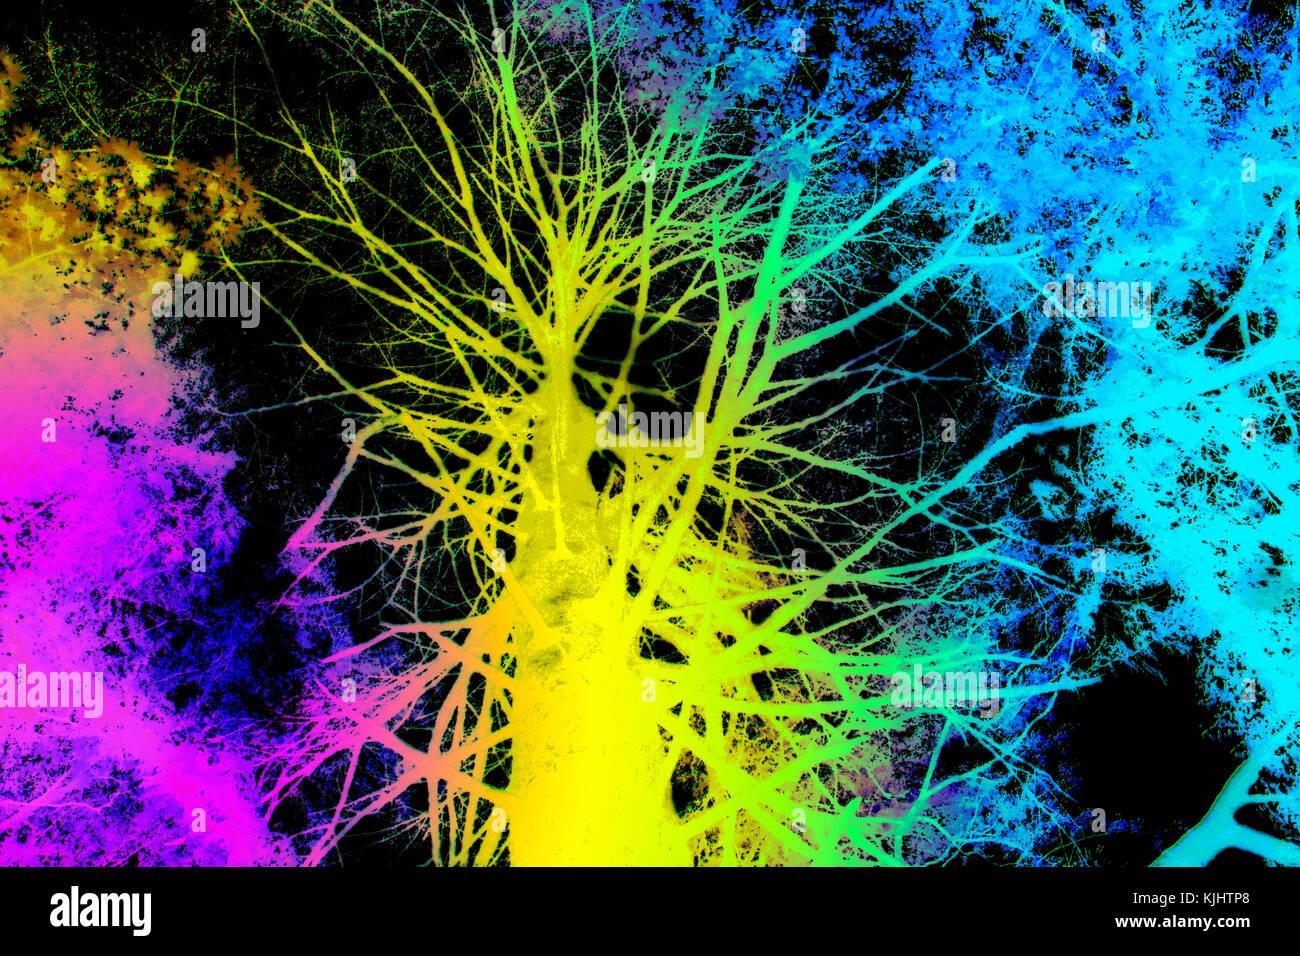 Baum in Regenbogen Farben Pink, Gelb, Türkis - Stock Image